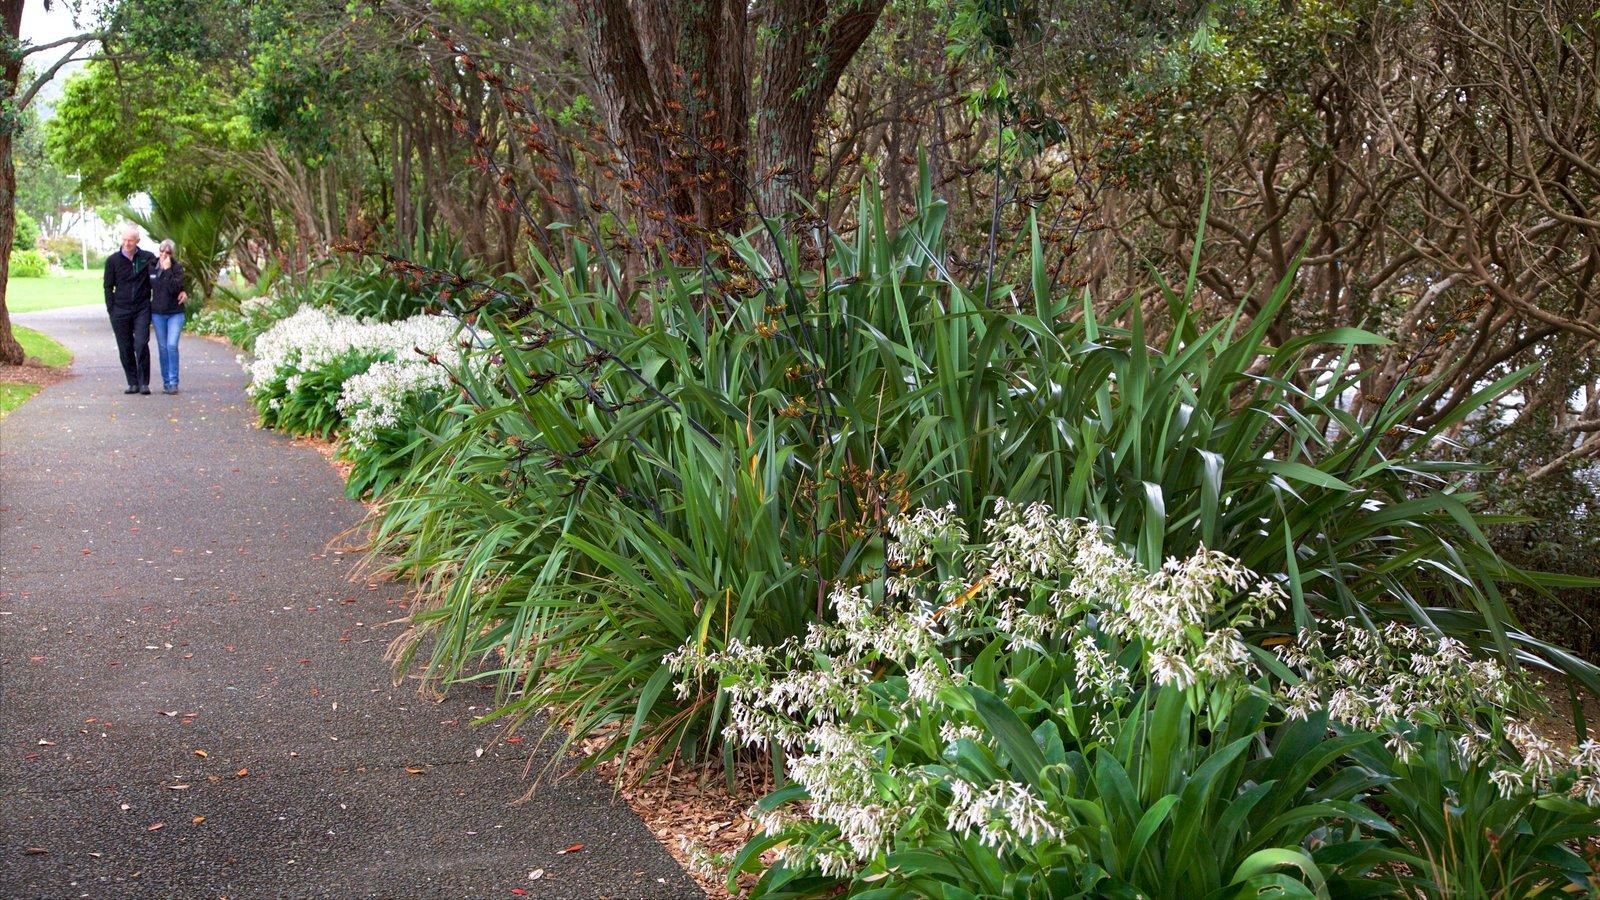 Whangarei que incluye un jardín y también una pareja